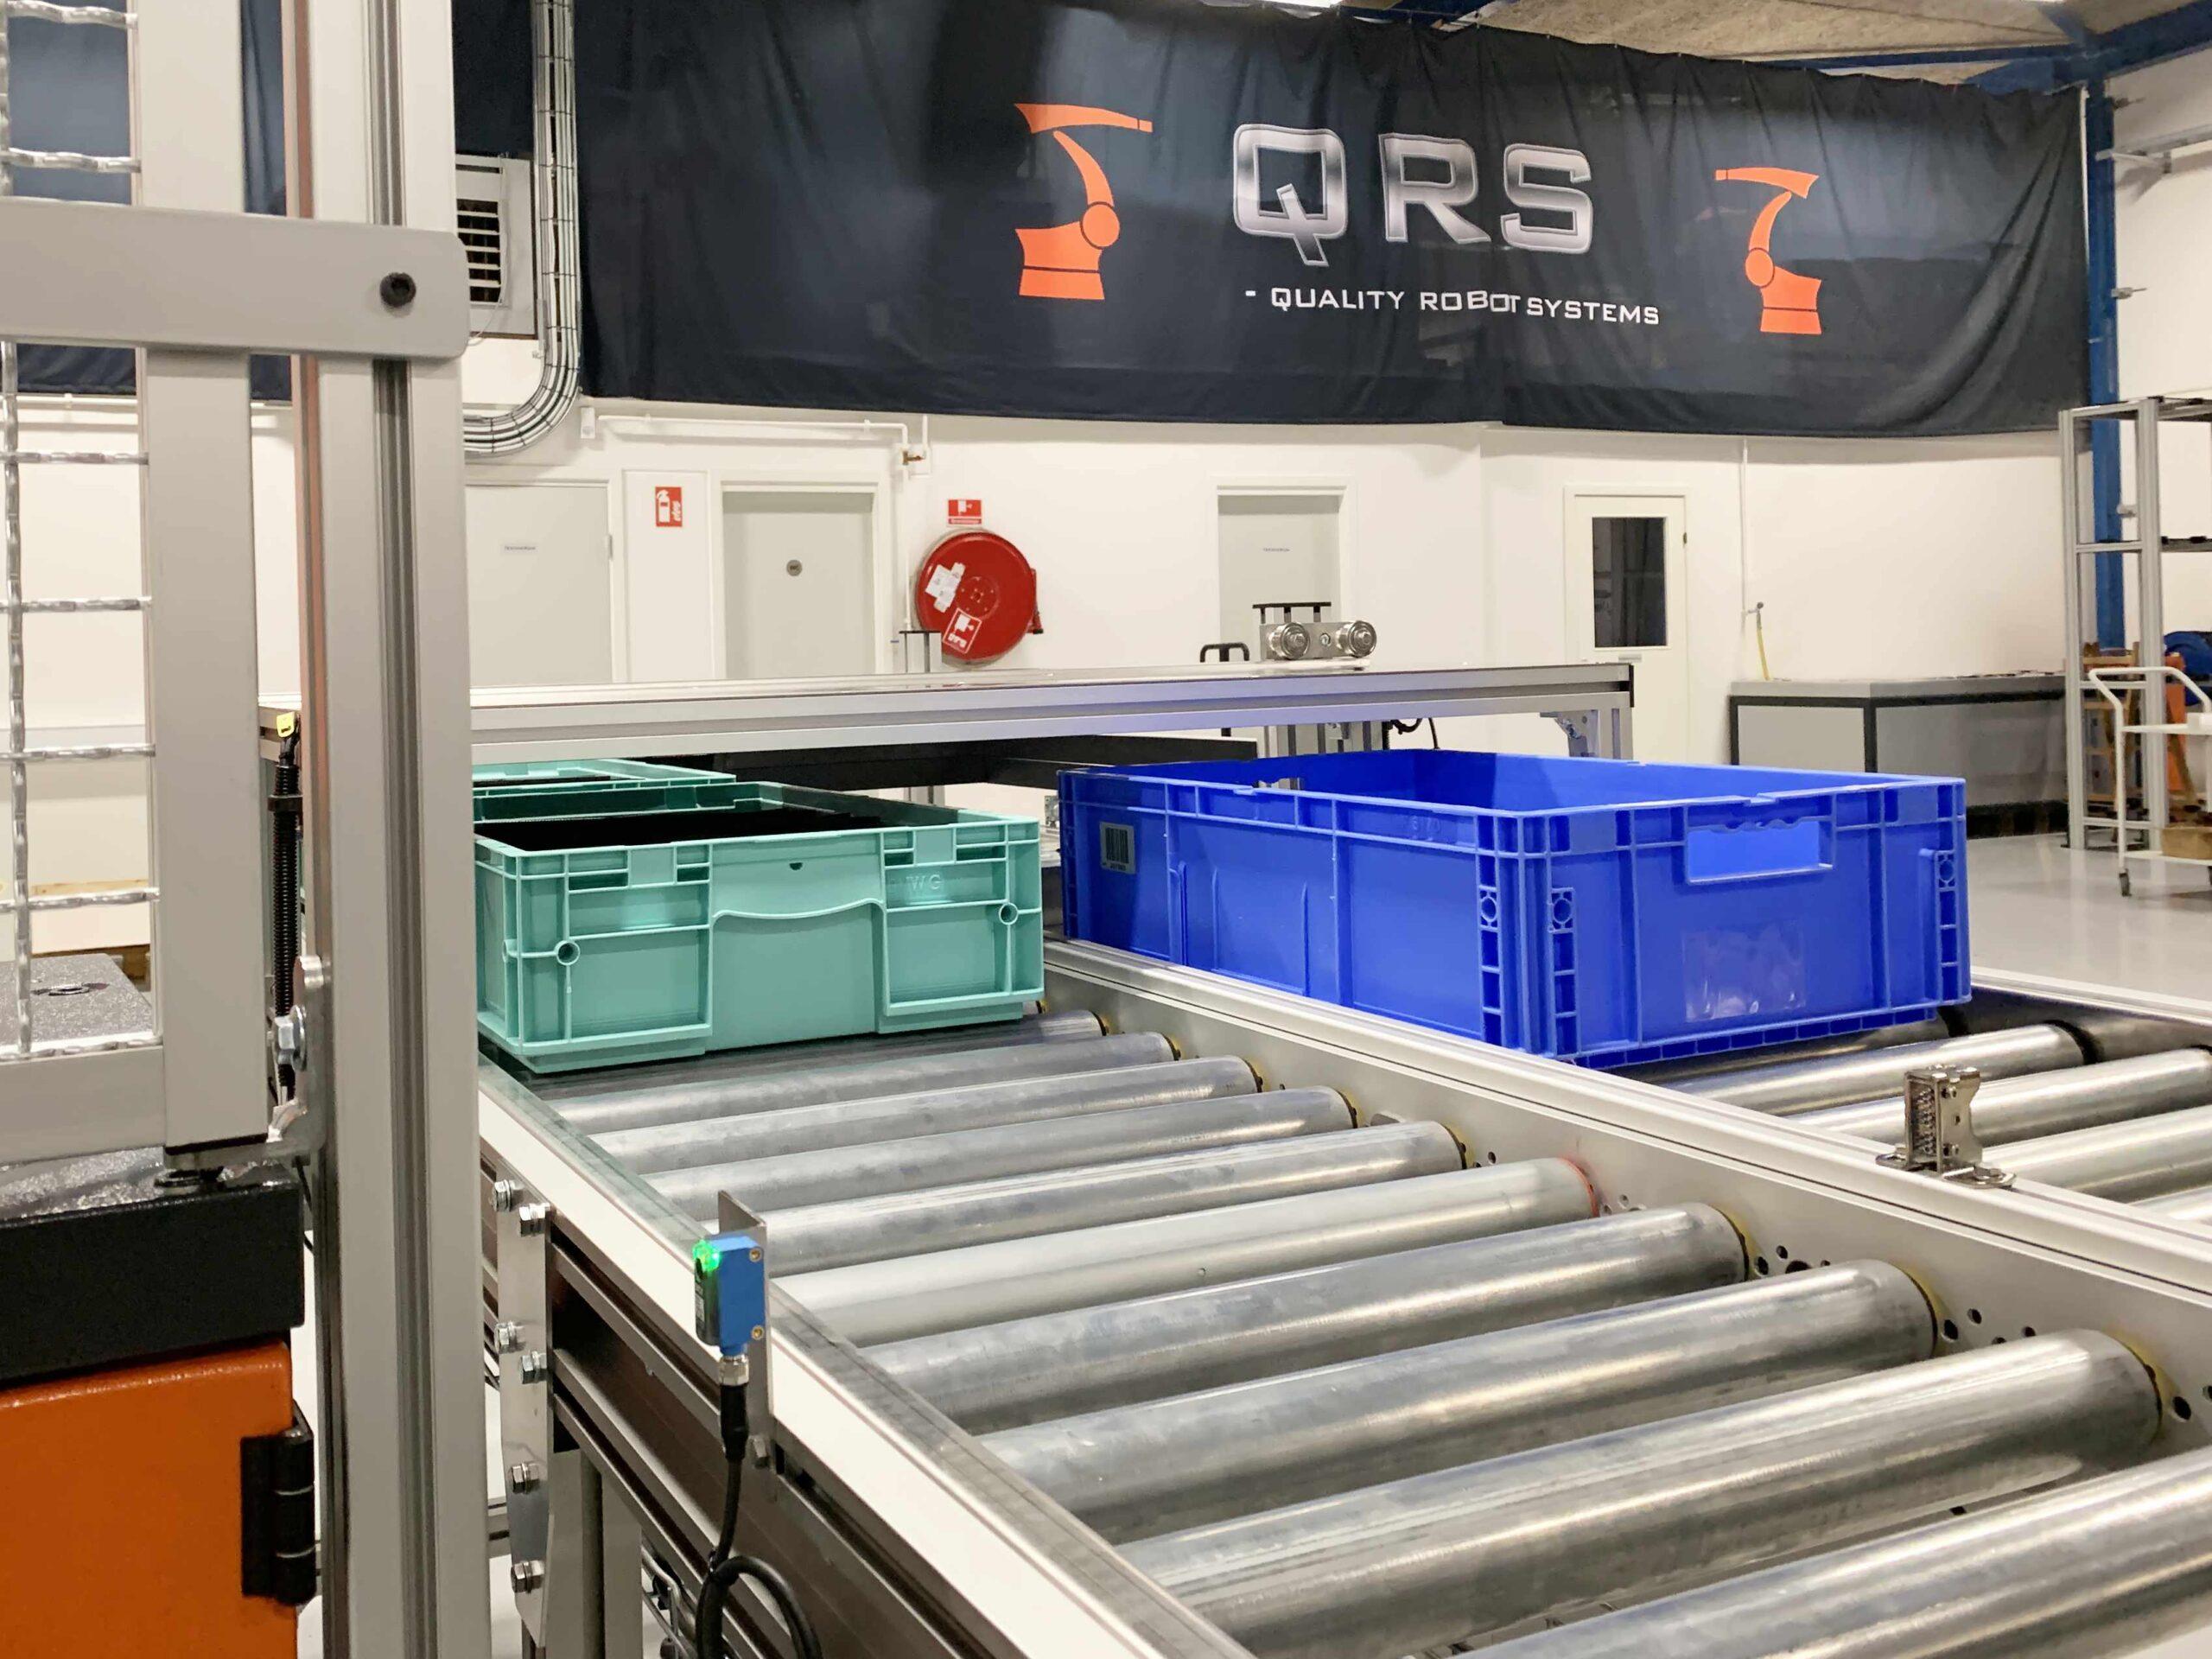 Sekvensstyrede rullebaner til QRS multicelle